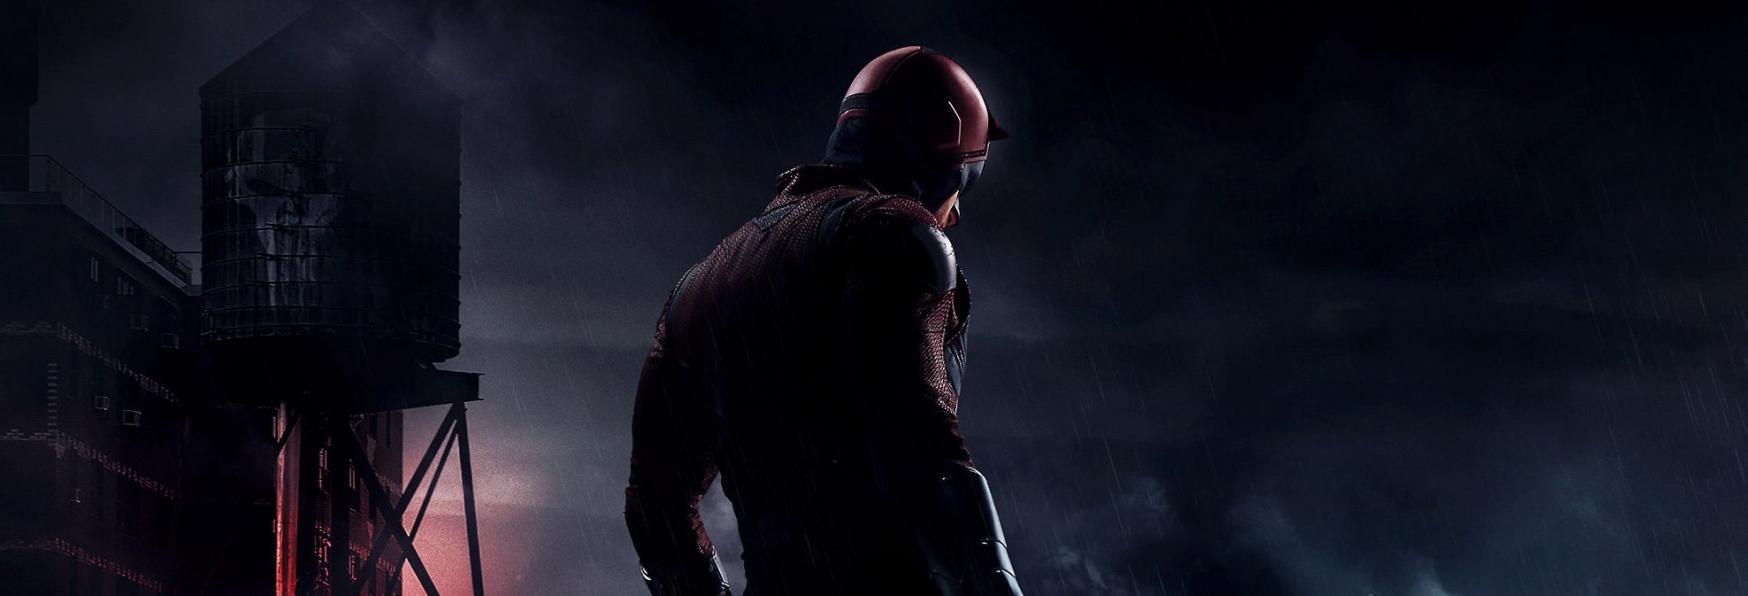 Daredevil: in Spider-Man 3 rivedremo Charlie Cox nei panni del suo famoso Personaggio